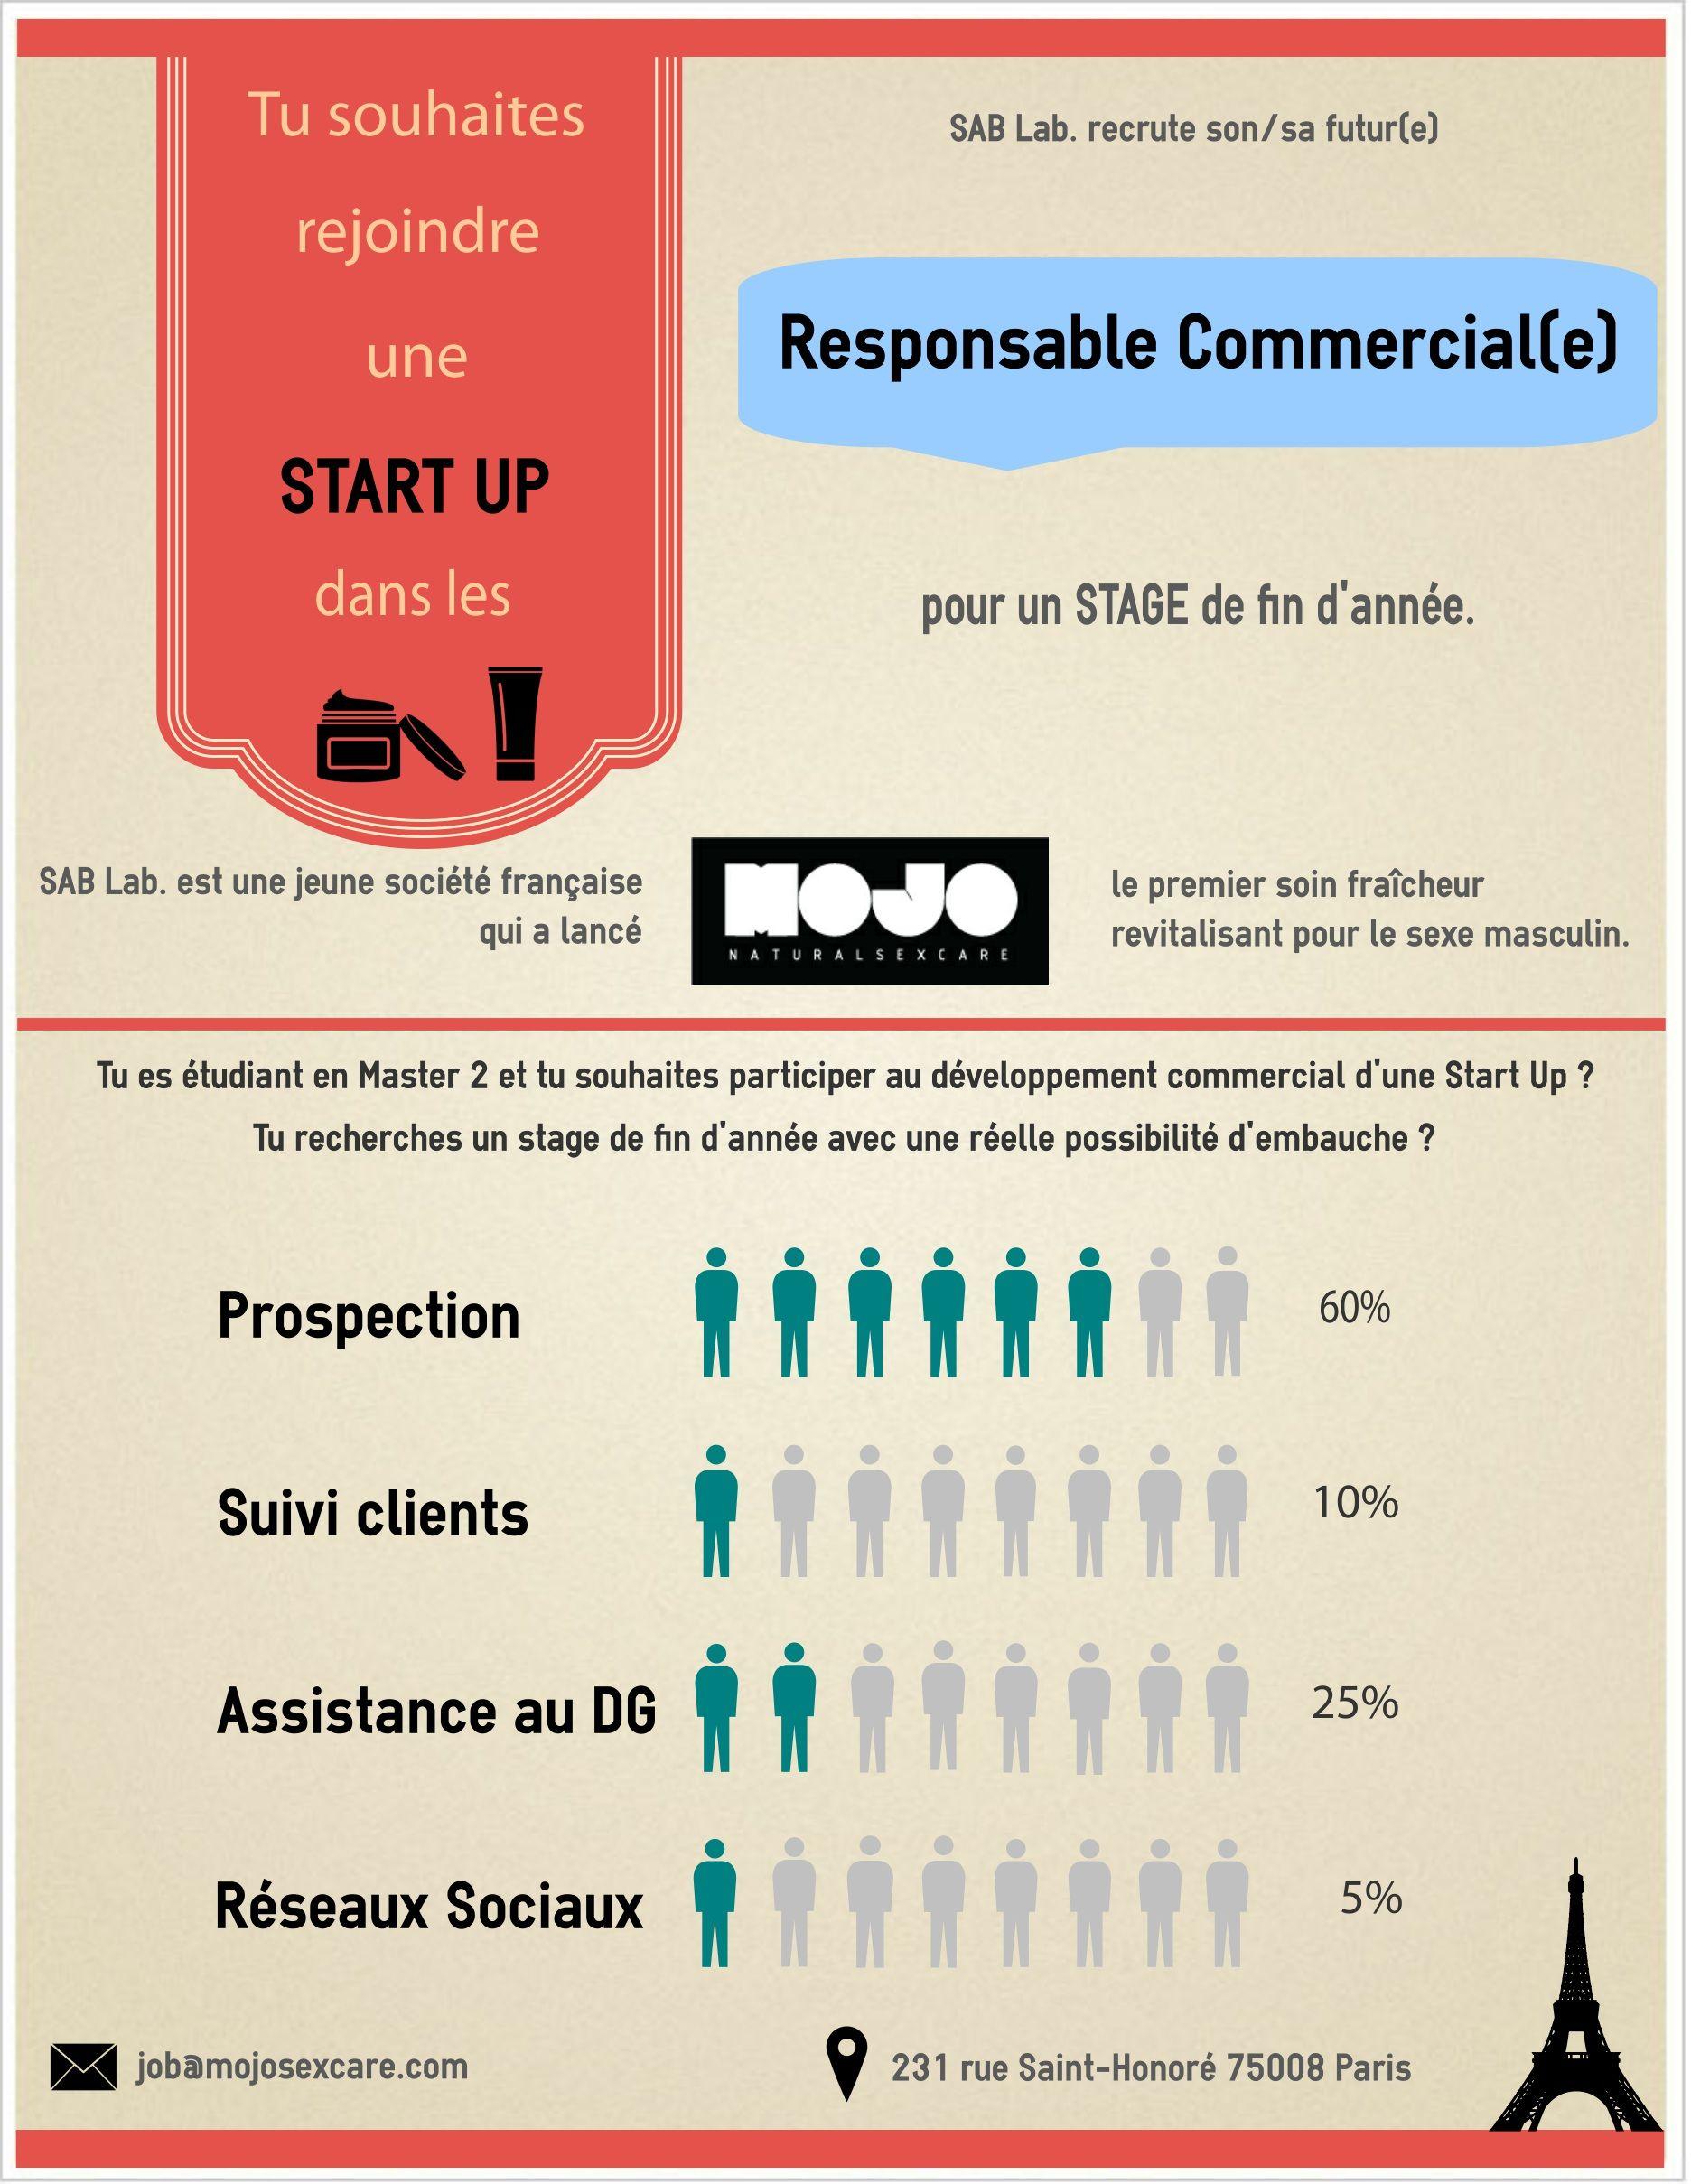 SAB LAB recrute un Responsable Commercial H/F en stage pour 6 mois dès janvier 2015  => Pour postuler : job@mojosexcare.com